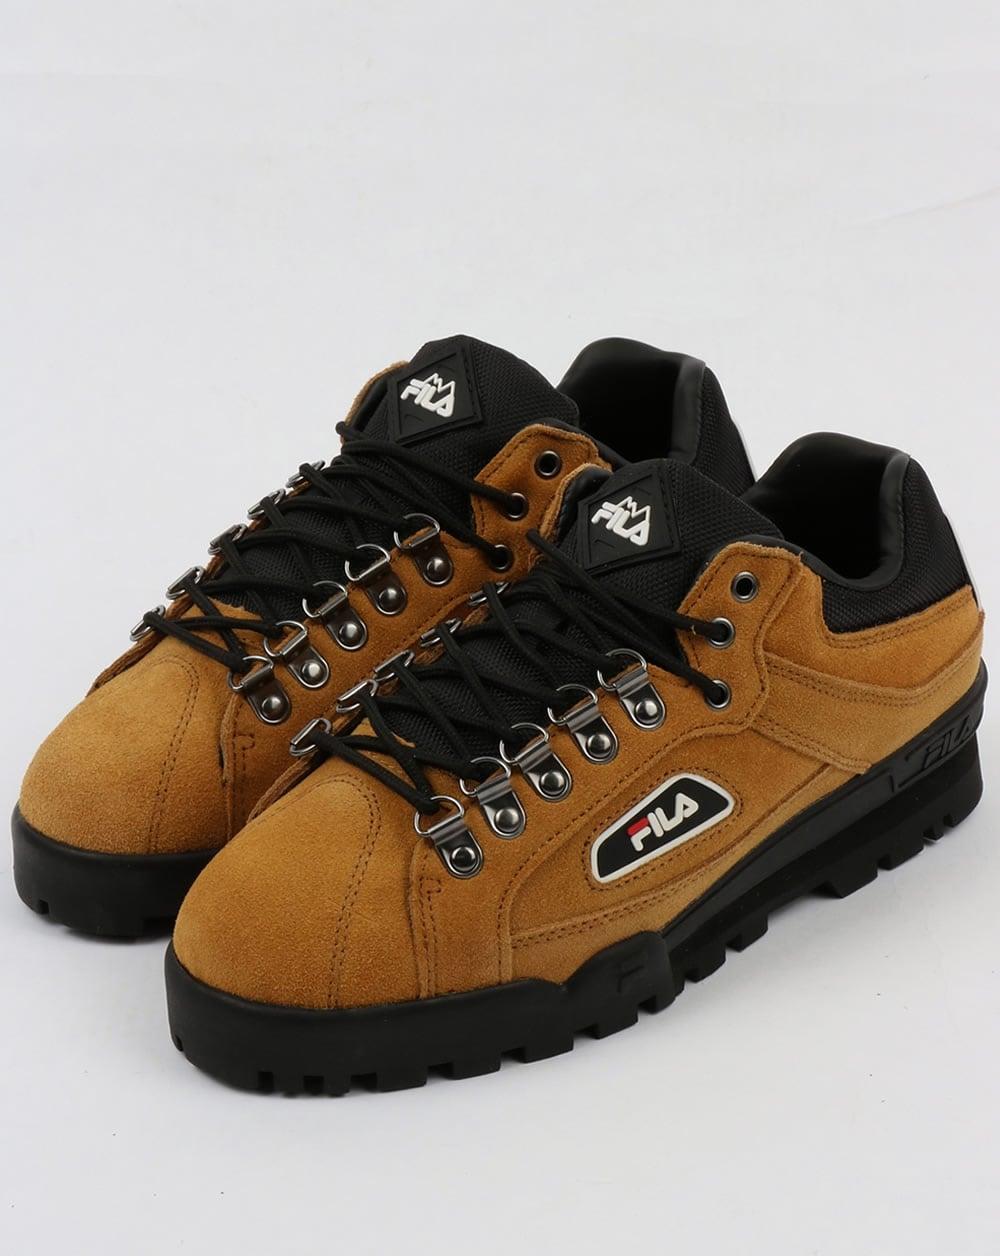 Fila Vintage Trailblazer Suede Boots Honey Mustard Hiking